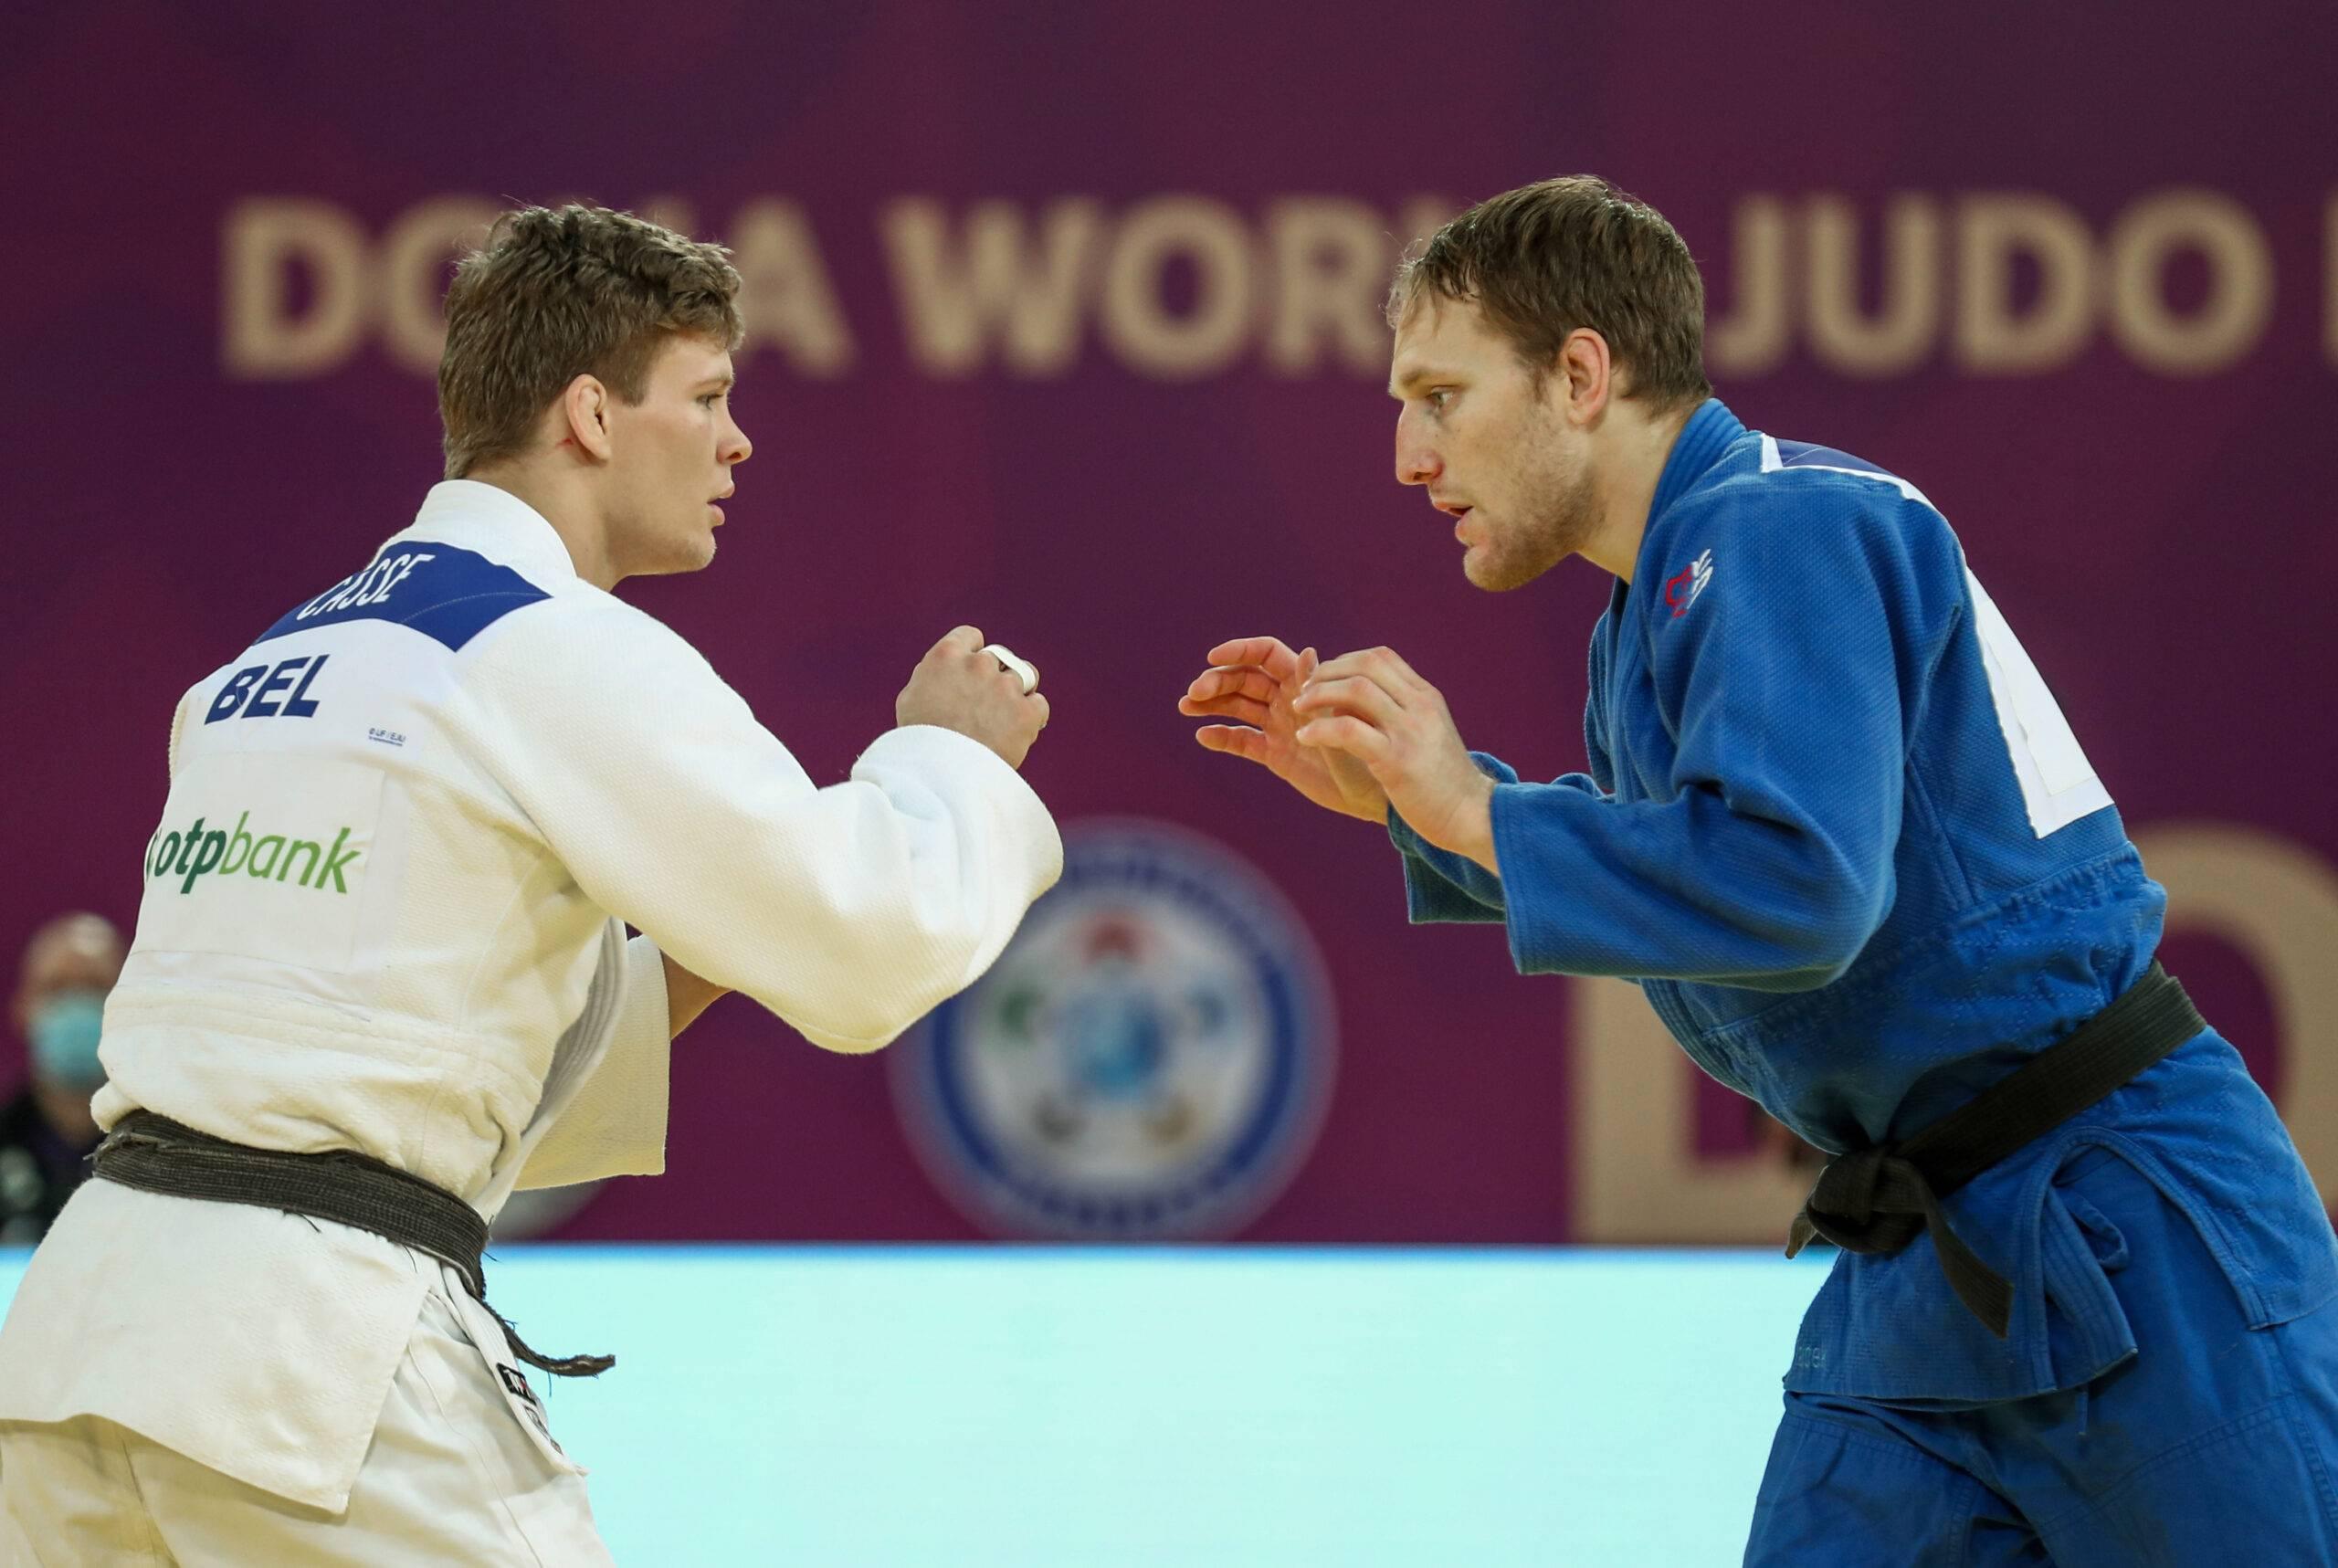 Robin Pacek i blå judodräkt och Matthias Casse vit judodräkt står mitt emot varandra med händerna uppe, beredd att ta tag i varandra i början av en match.